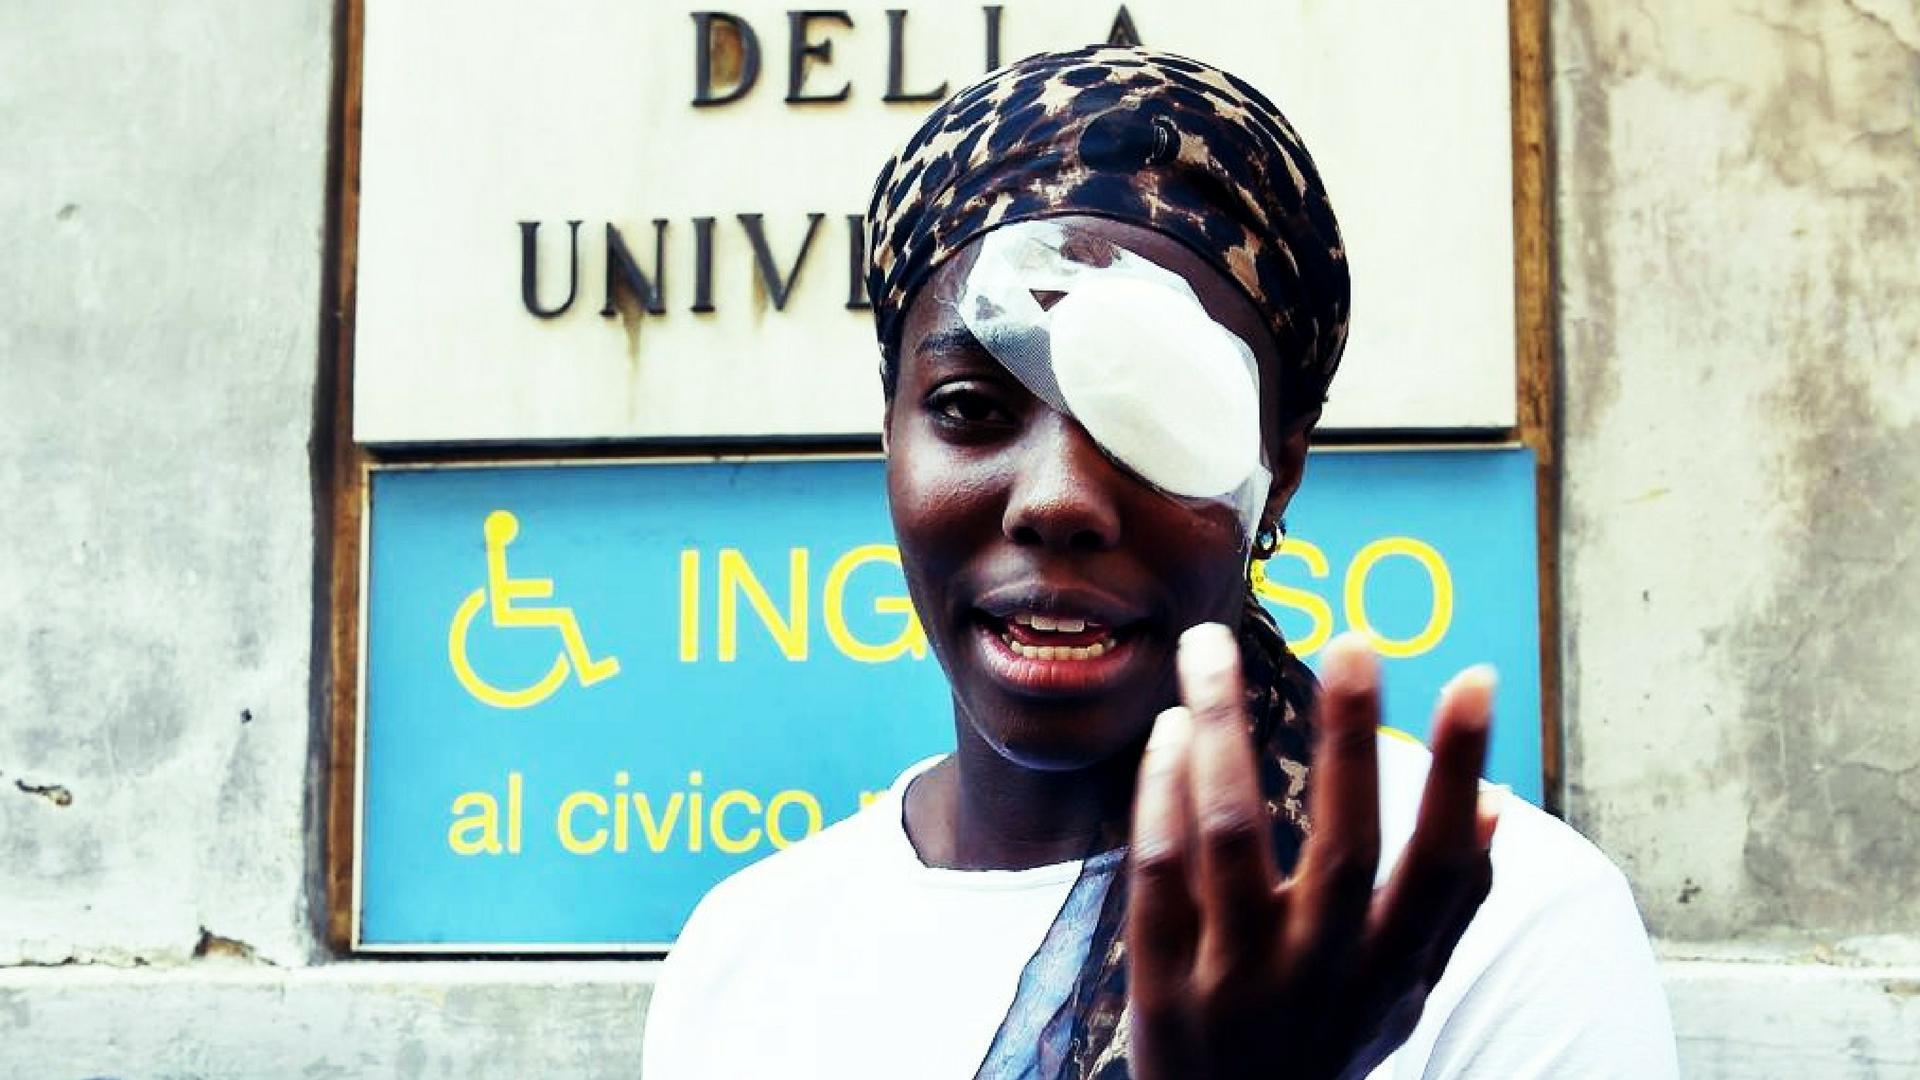 L'Italia non è un Paese razzista. Tre osservazioni